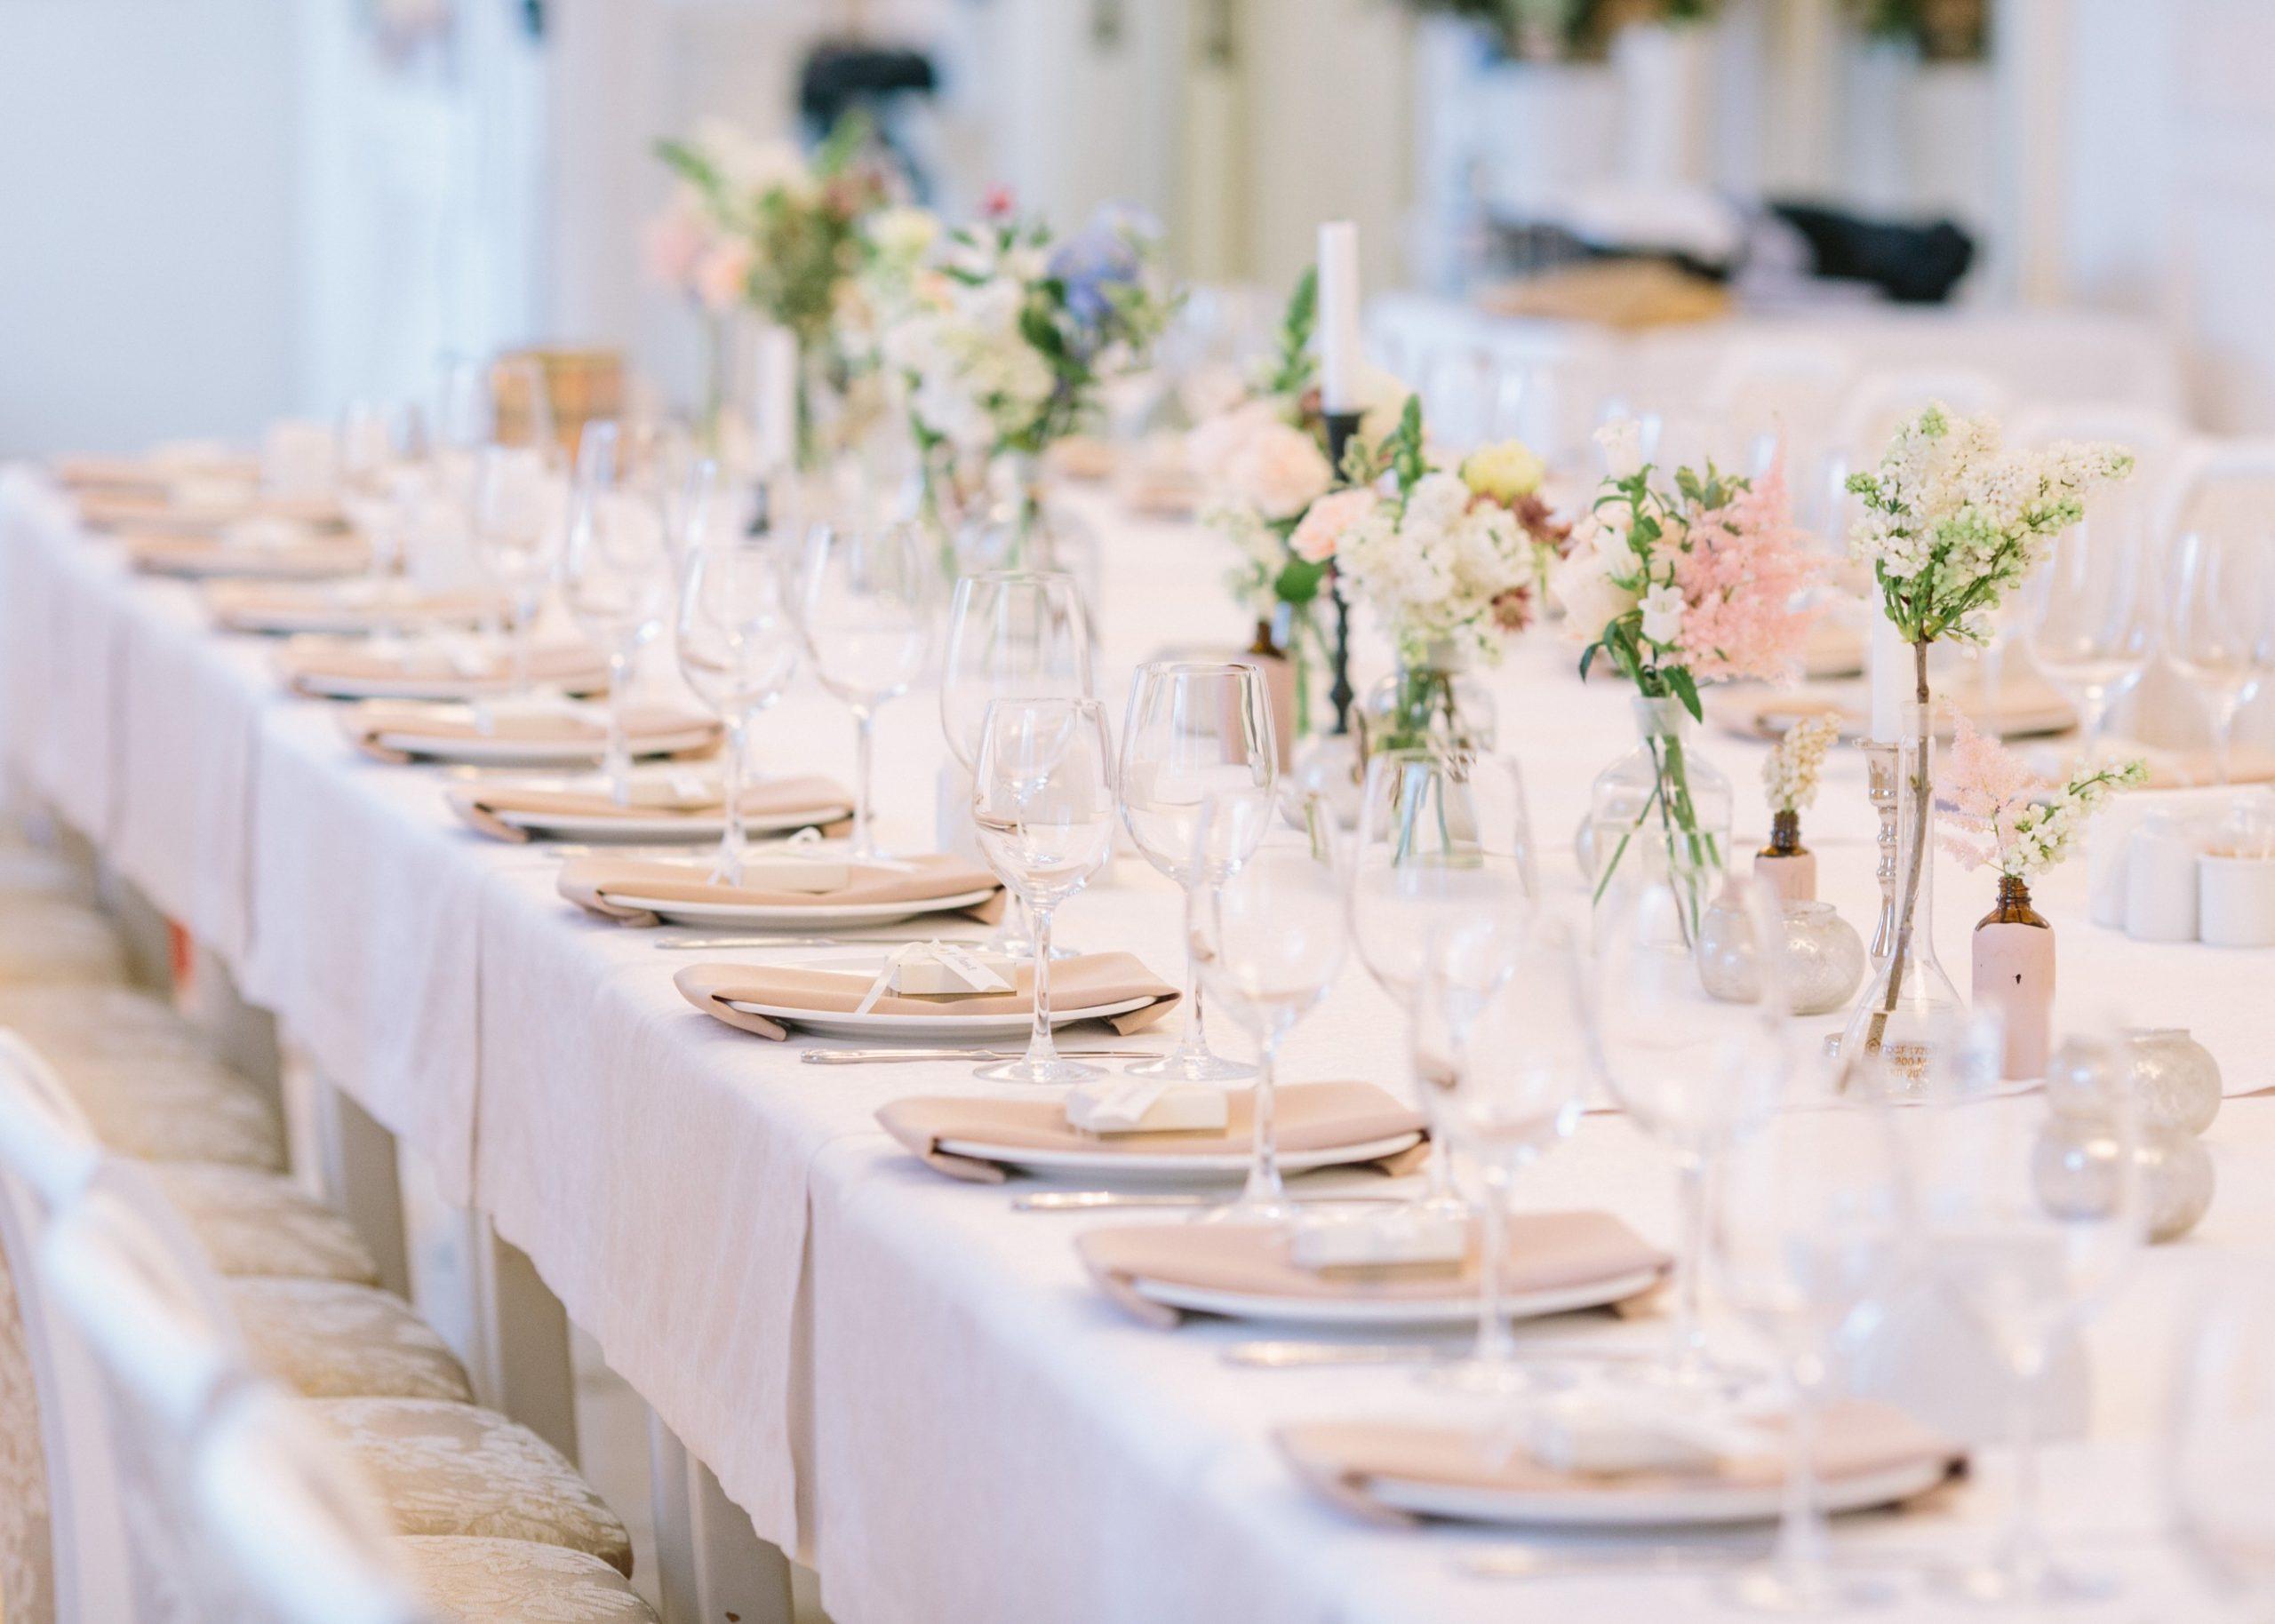 décoration de table de mariage fleurie